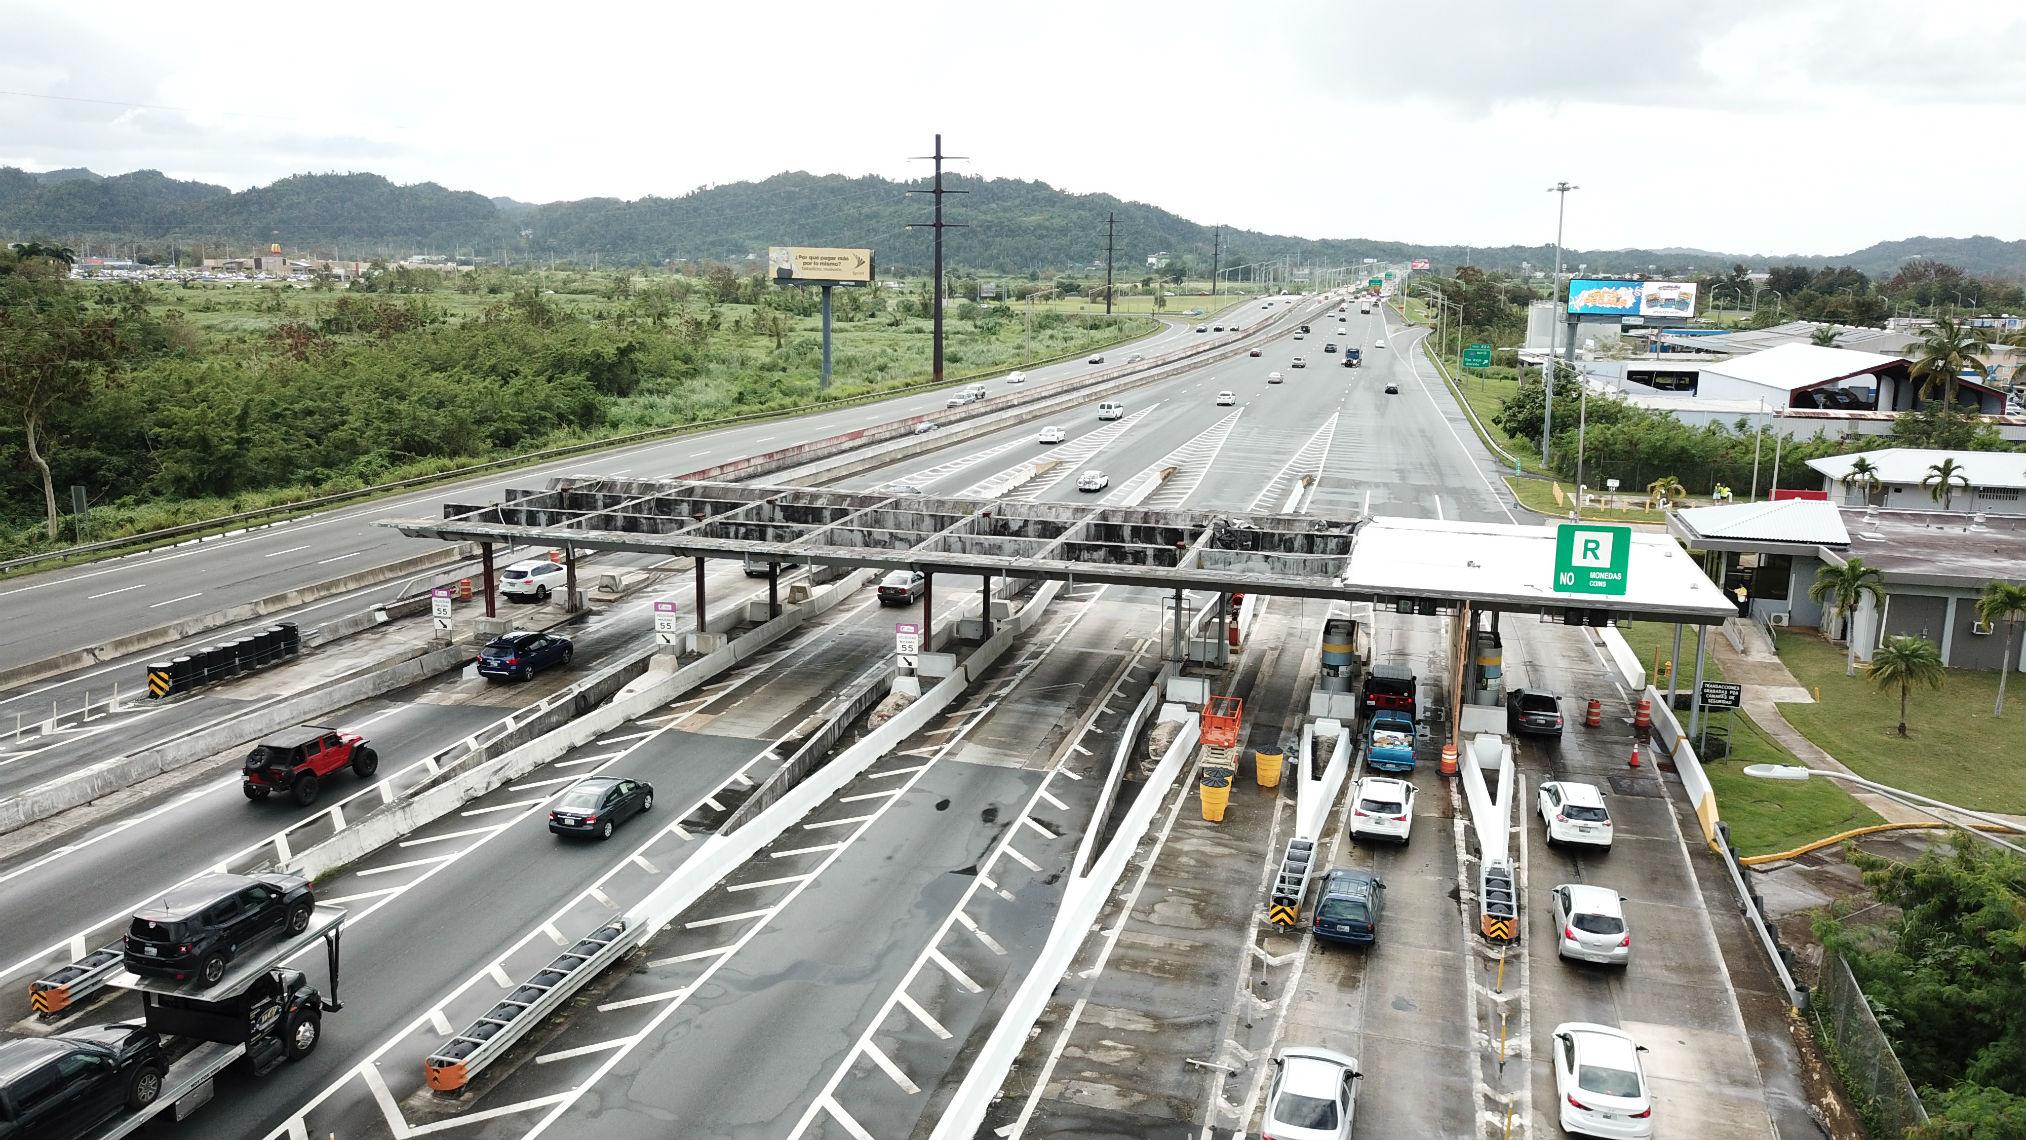 Sin cambio significativo tarifas de peaje en las autopistas PR-22 y PR-5 para el 96% de los usuarios en el 2020